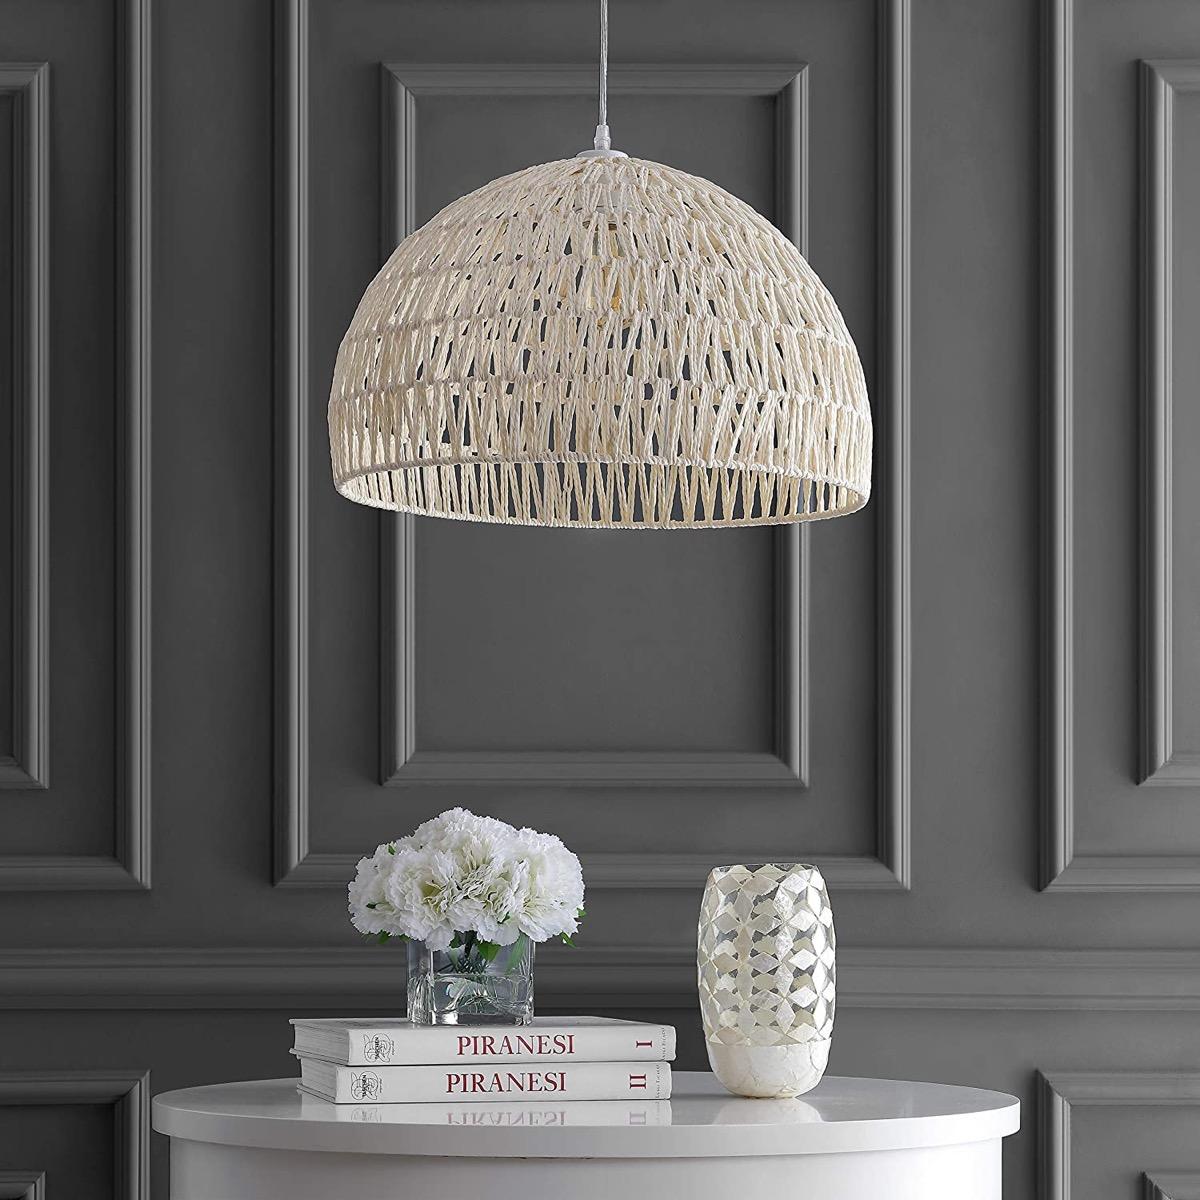 White-Dome-Shaped-Rattan-Pendant-Light